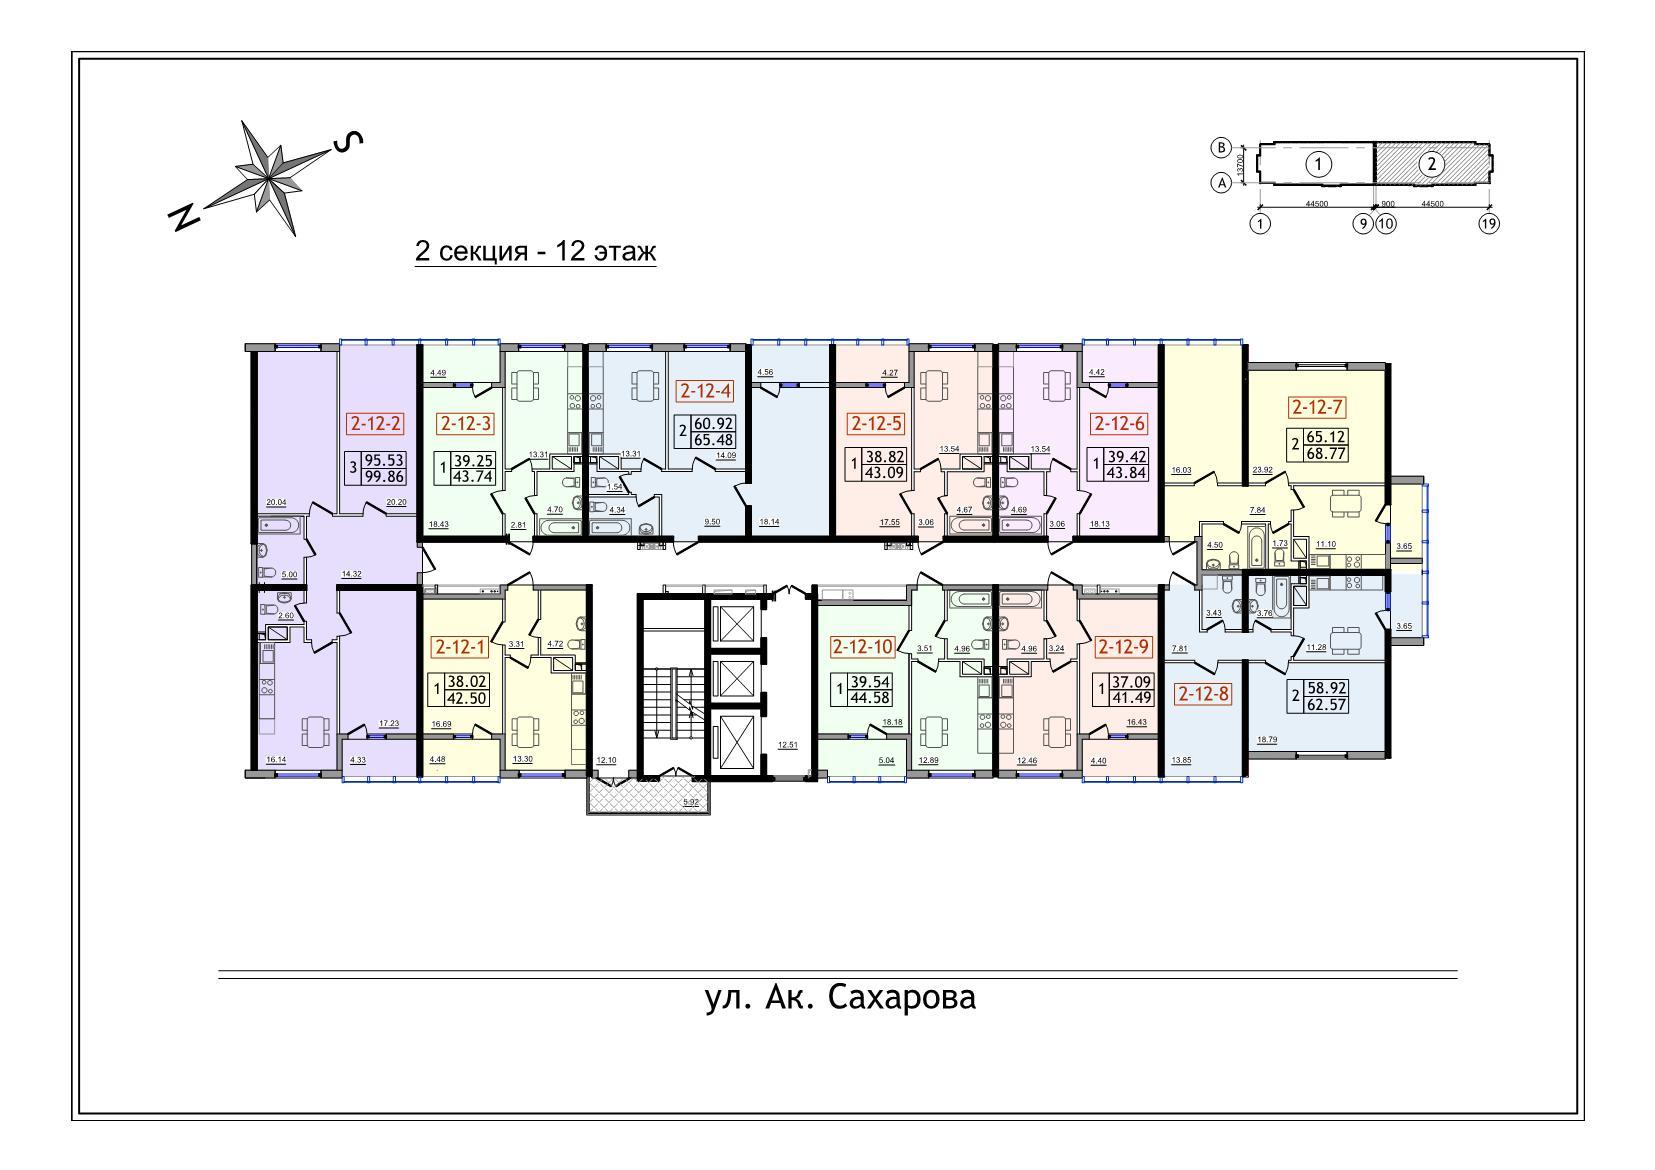 ЖК 30 Жемчужина планировка типового этажа